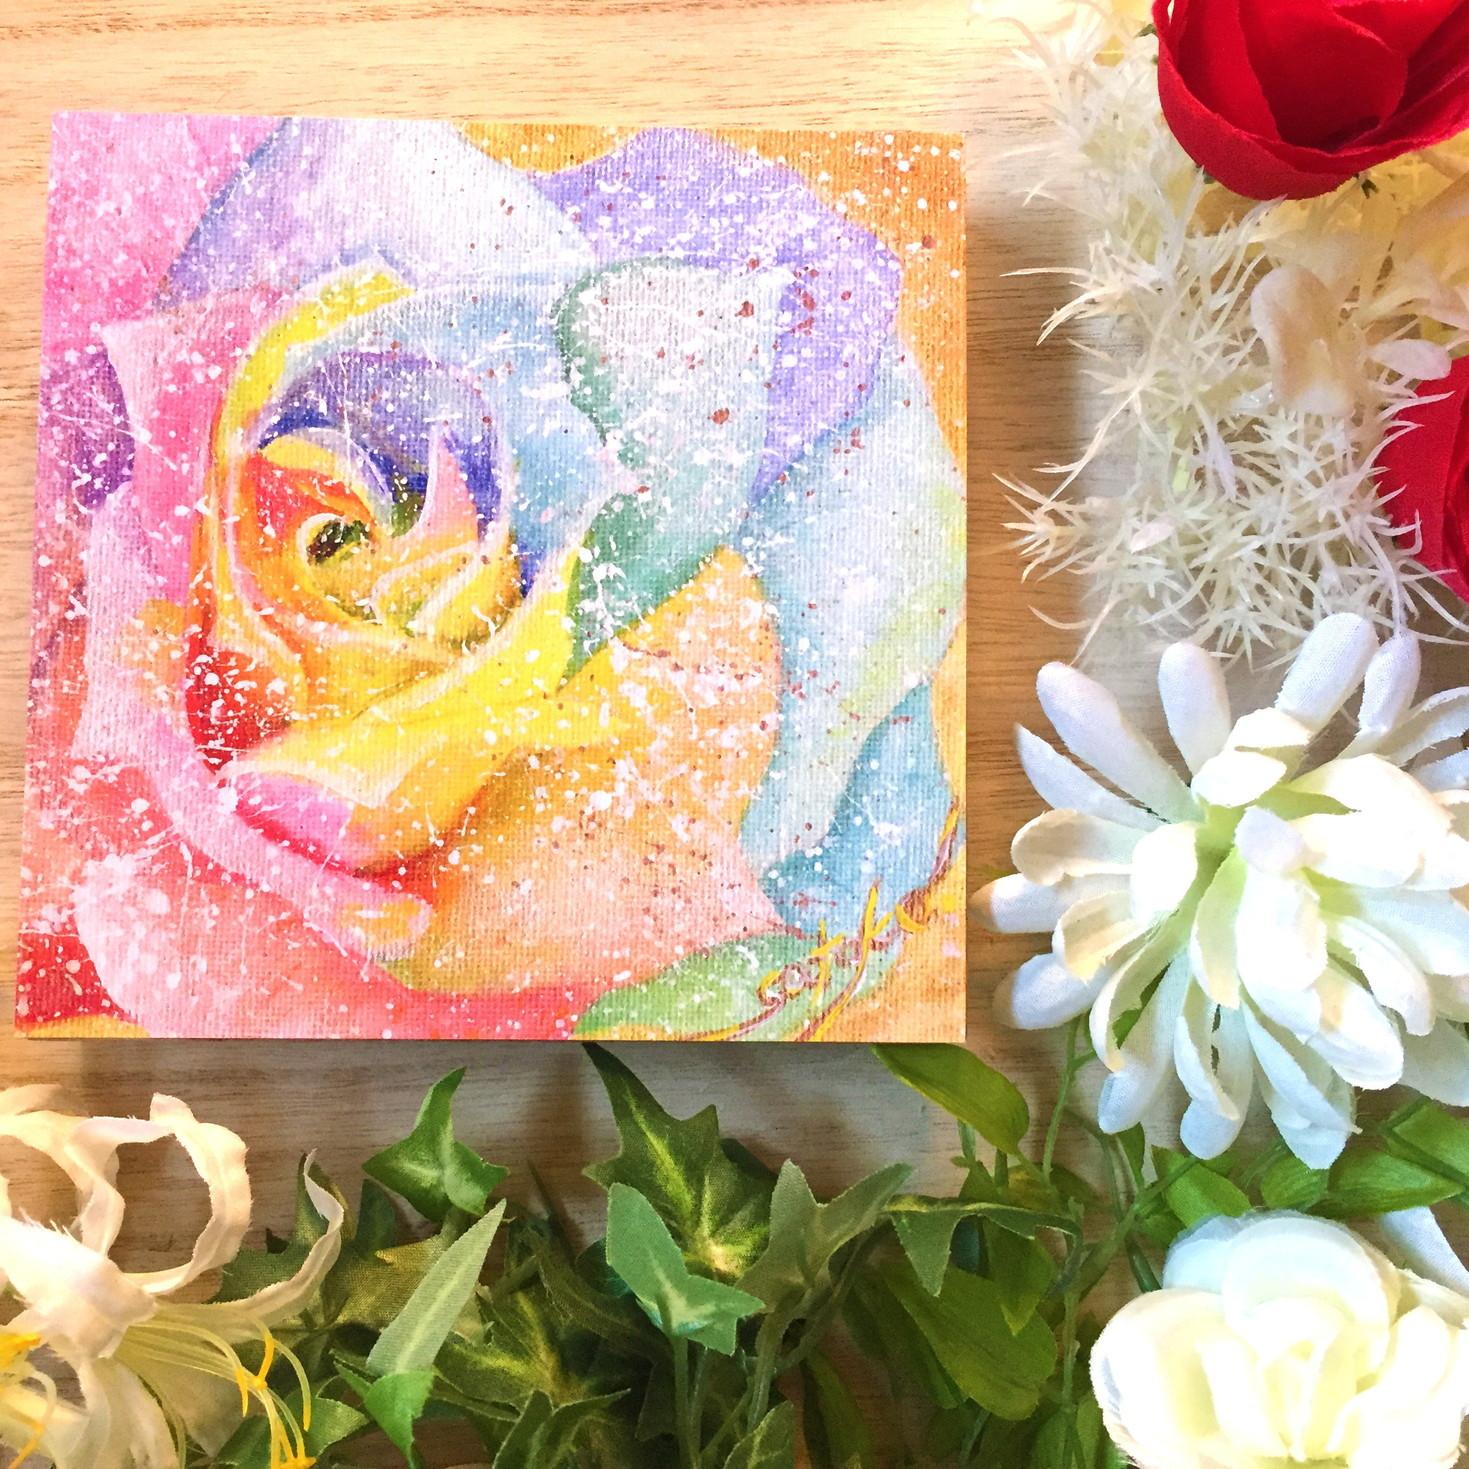 絵画 インテリア アートパネル 雑貨 壁掛け 置物 おしゃれ バラ 薔薇 花 虹 アクリル画 パステル画 水彩画 ロココロ 画家 : Satoko Rin 作品 : Rainbow Rose